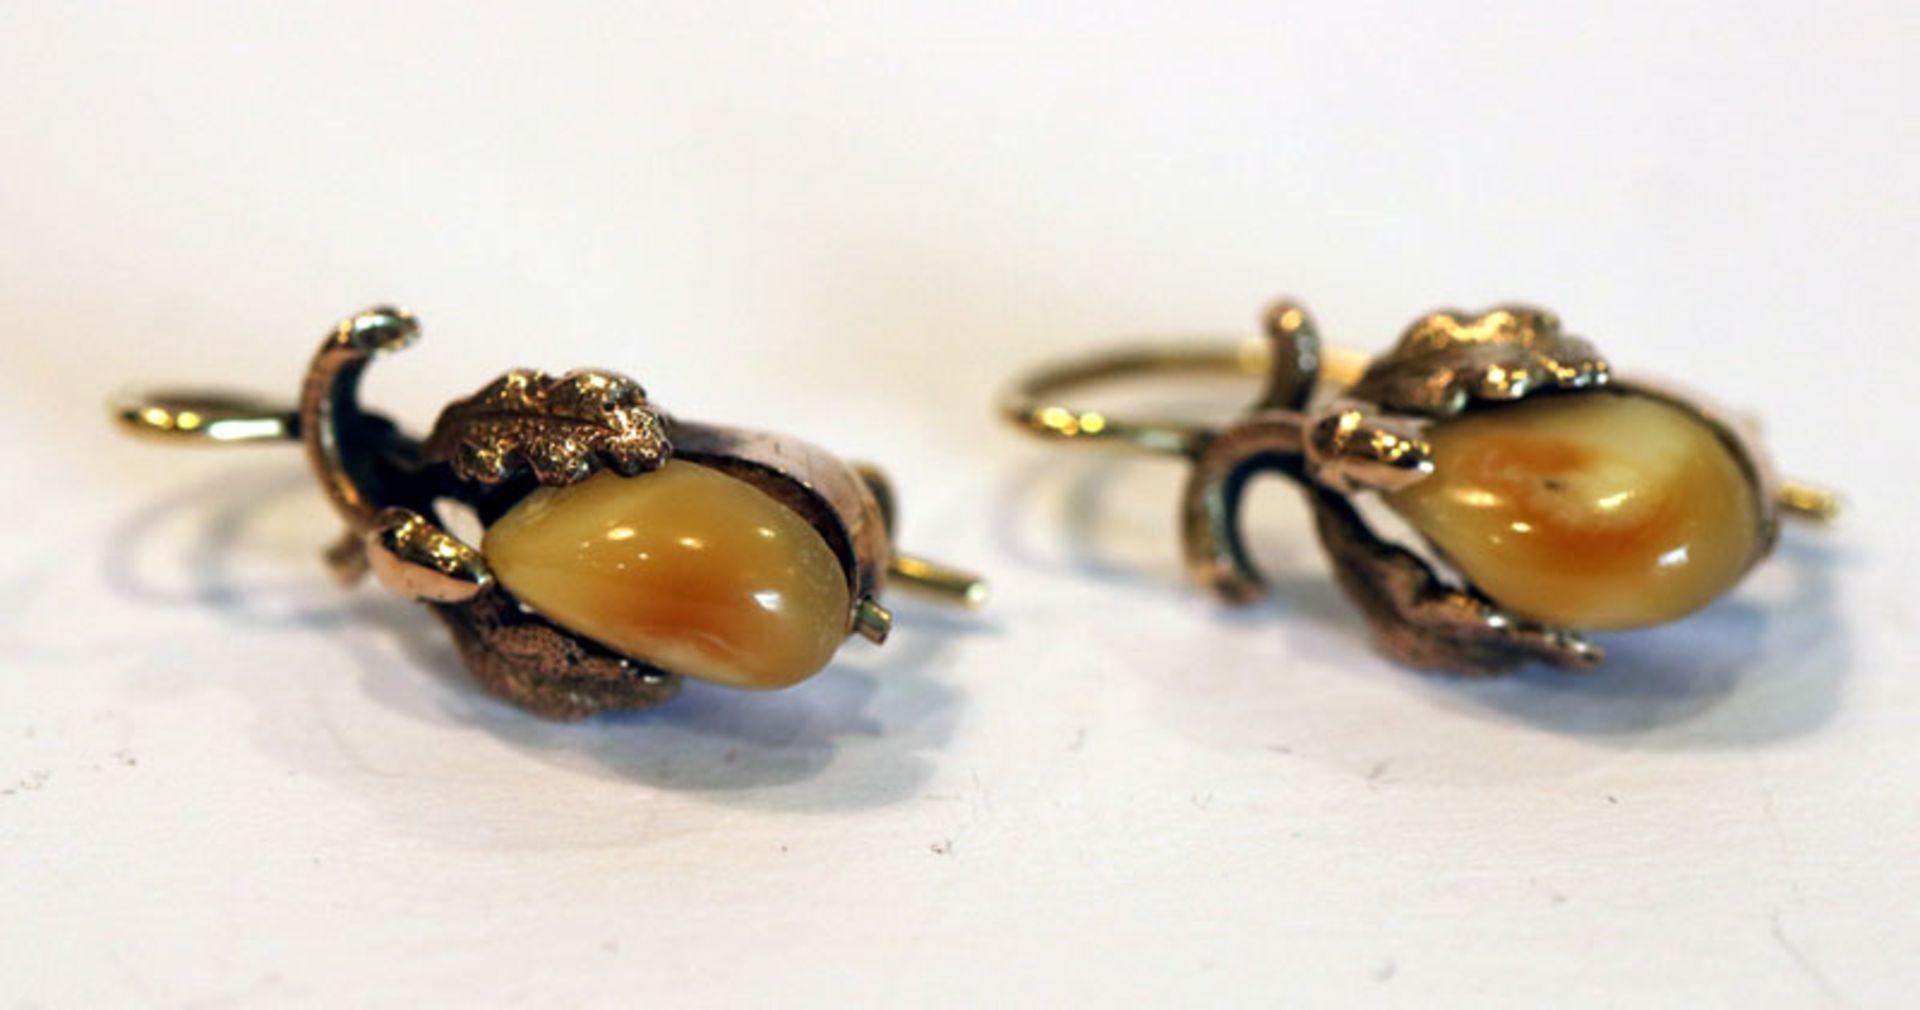 Los 18 - Paar 14 k Gelbgold (geprüfte) Ohrhänger mit Grandeln und plastischem Eichenlaub, L 2 cm